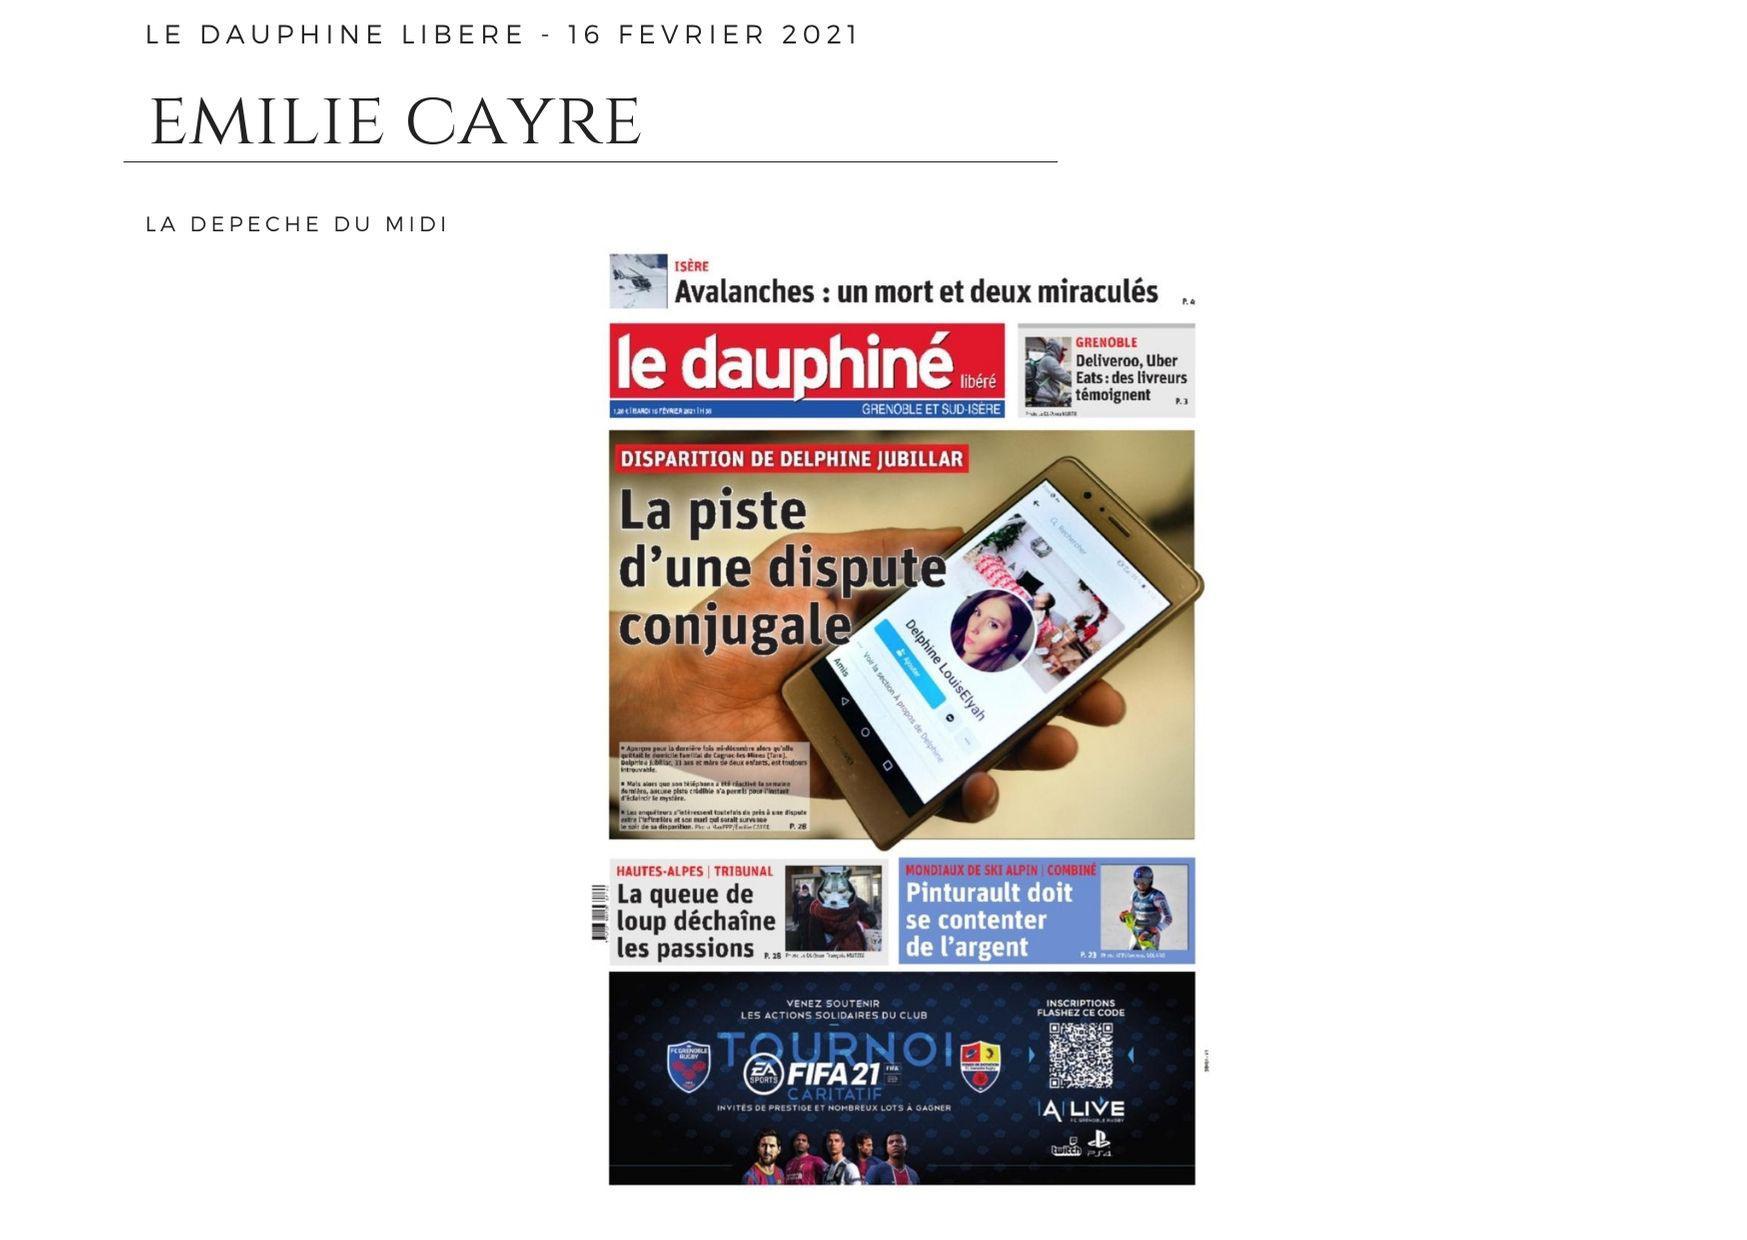 Le Dauphiné Libéré - 16 février 2021